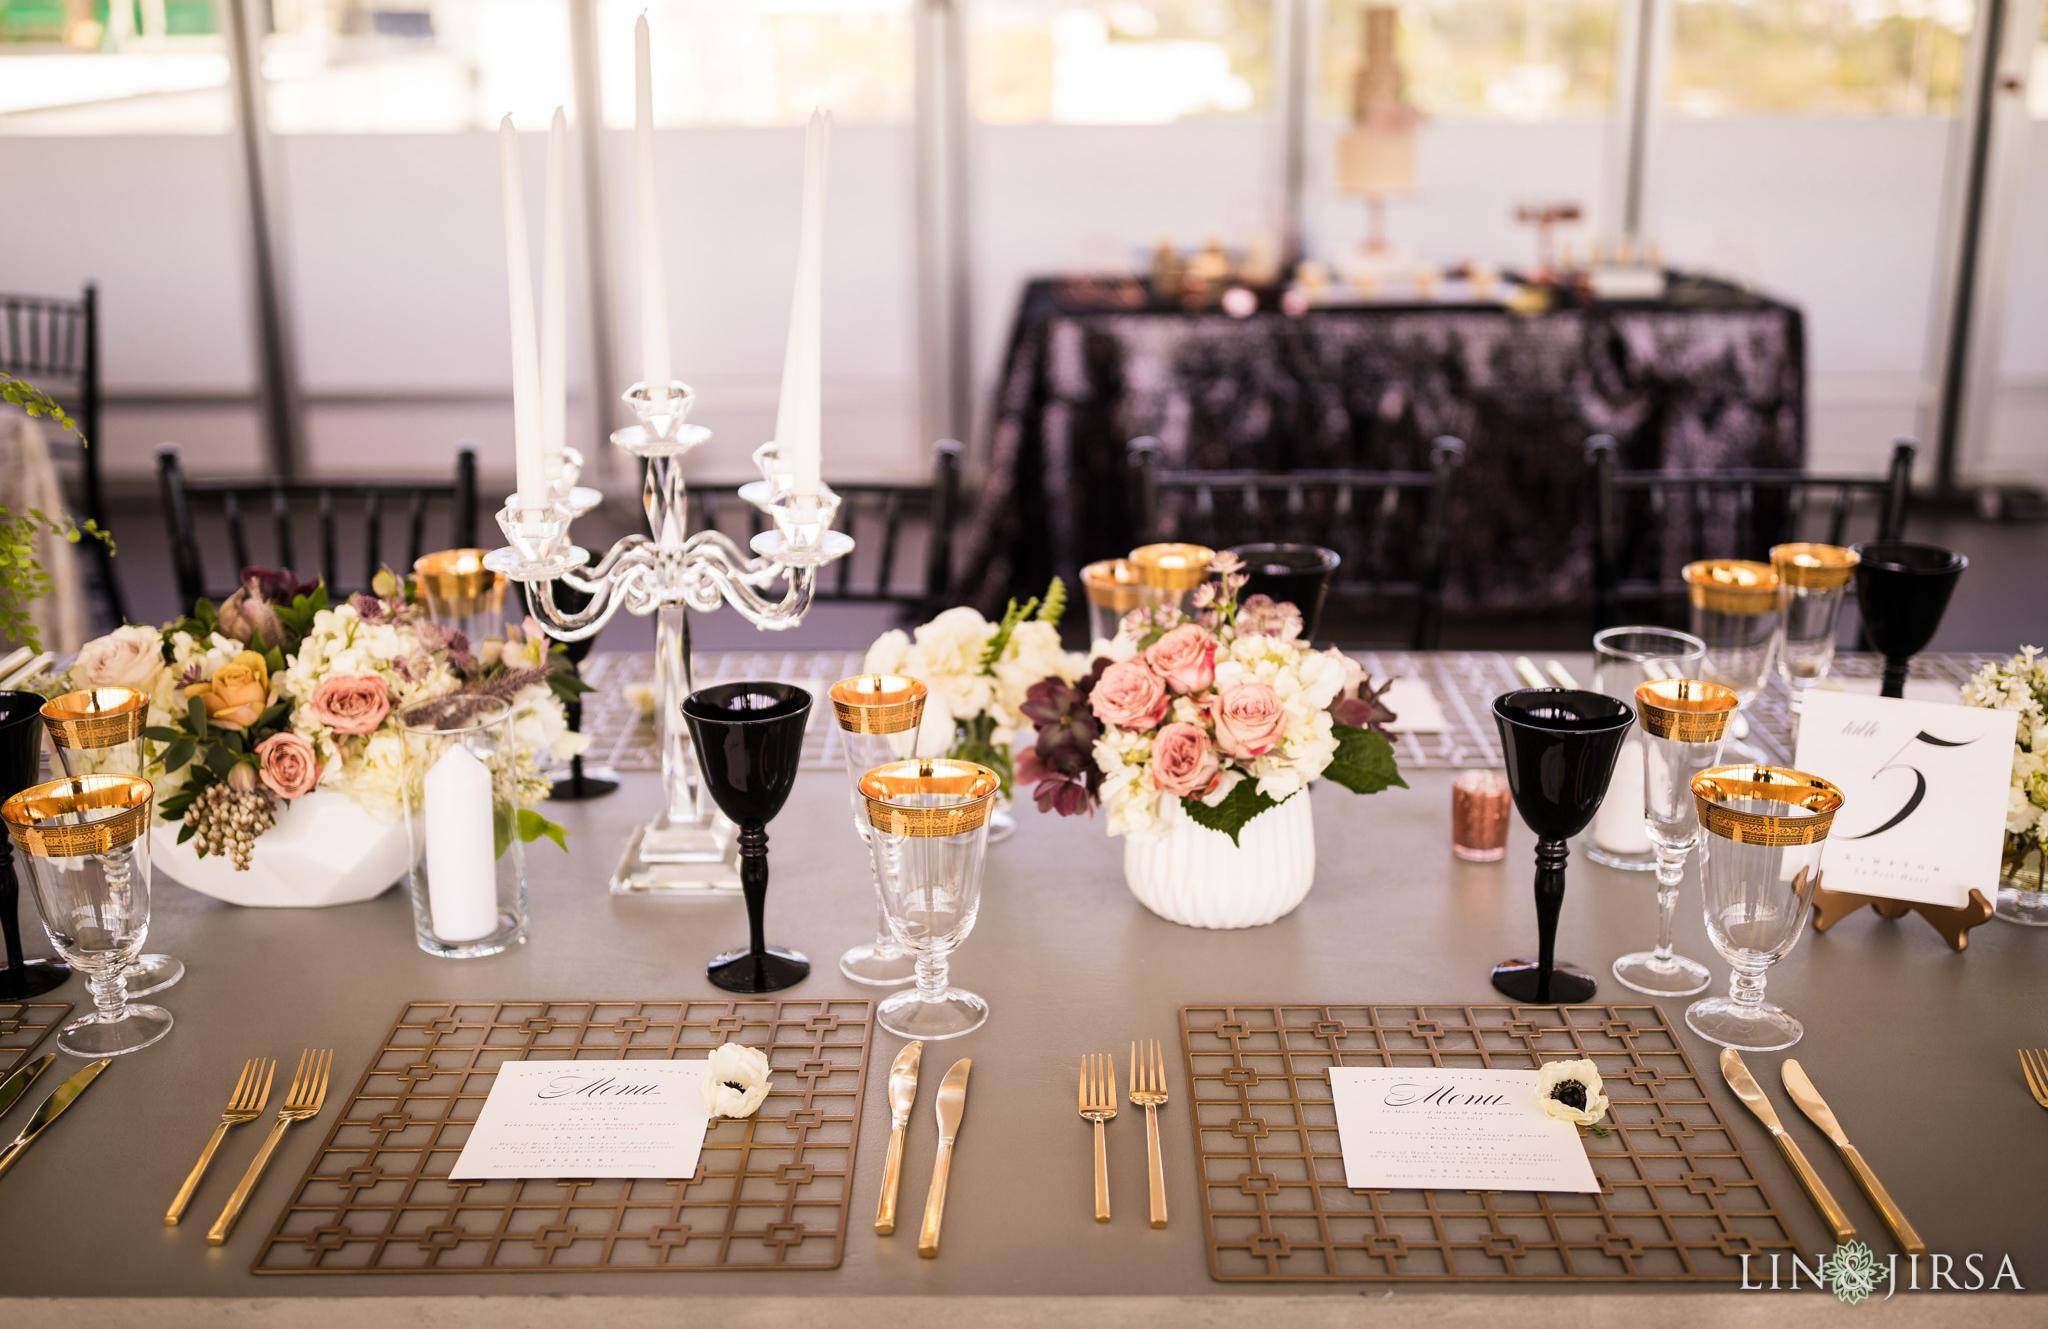 020 Kimpton La Peer Hotel West Hollywood Stylized Wedding Photography 1